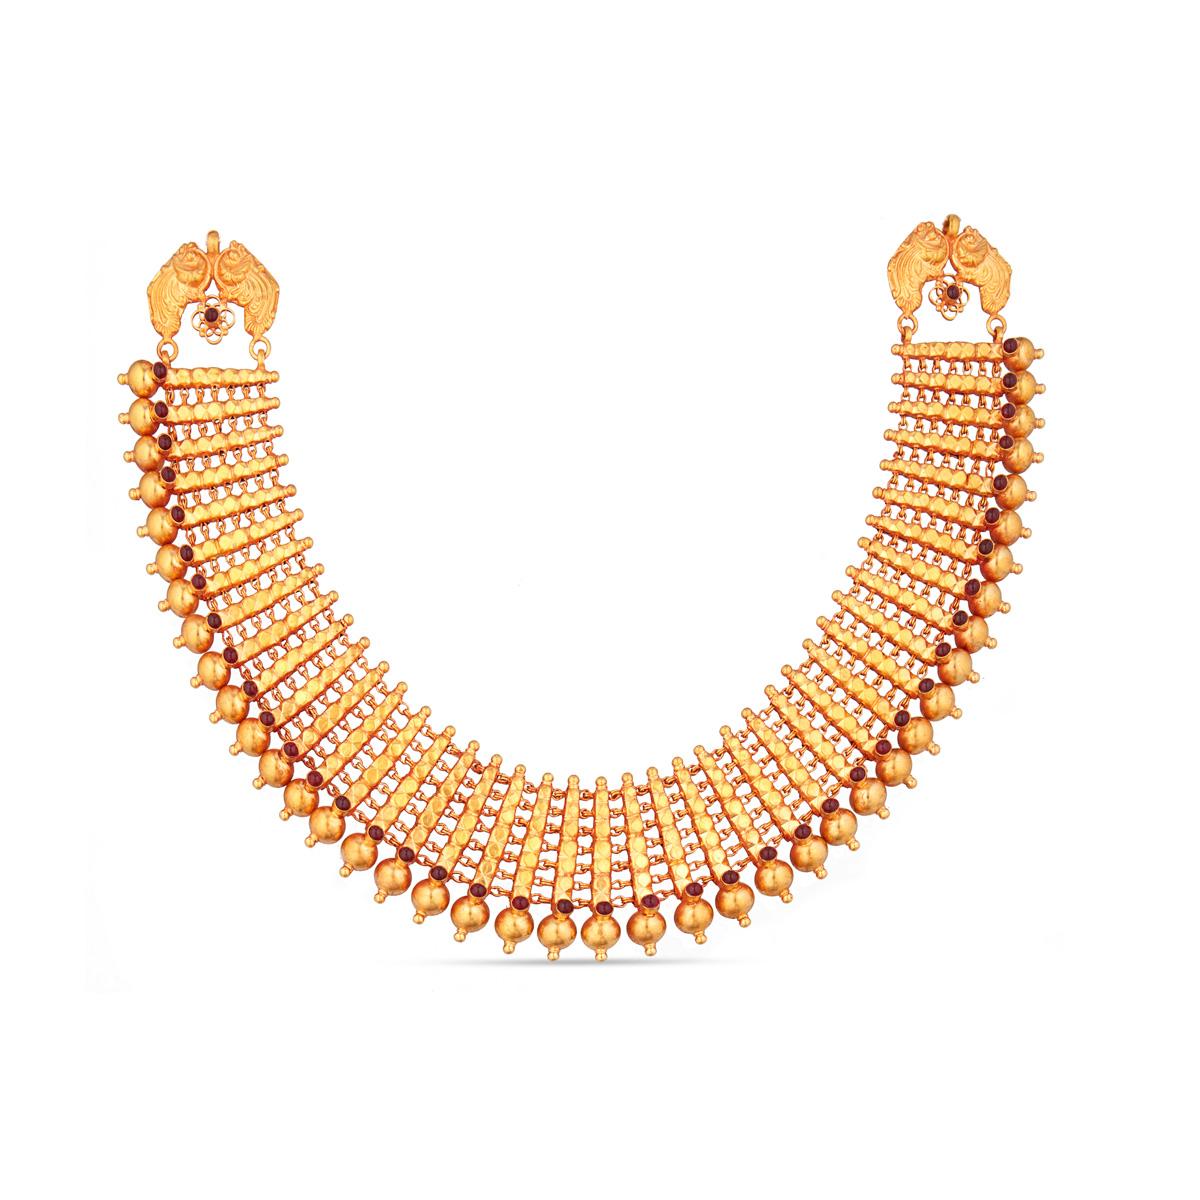 Virasath Gold Choker